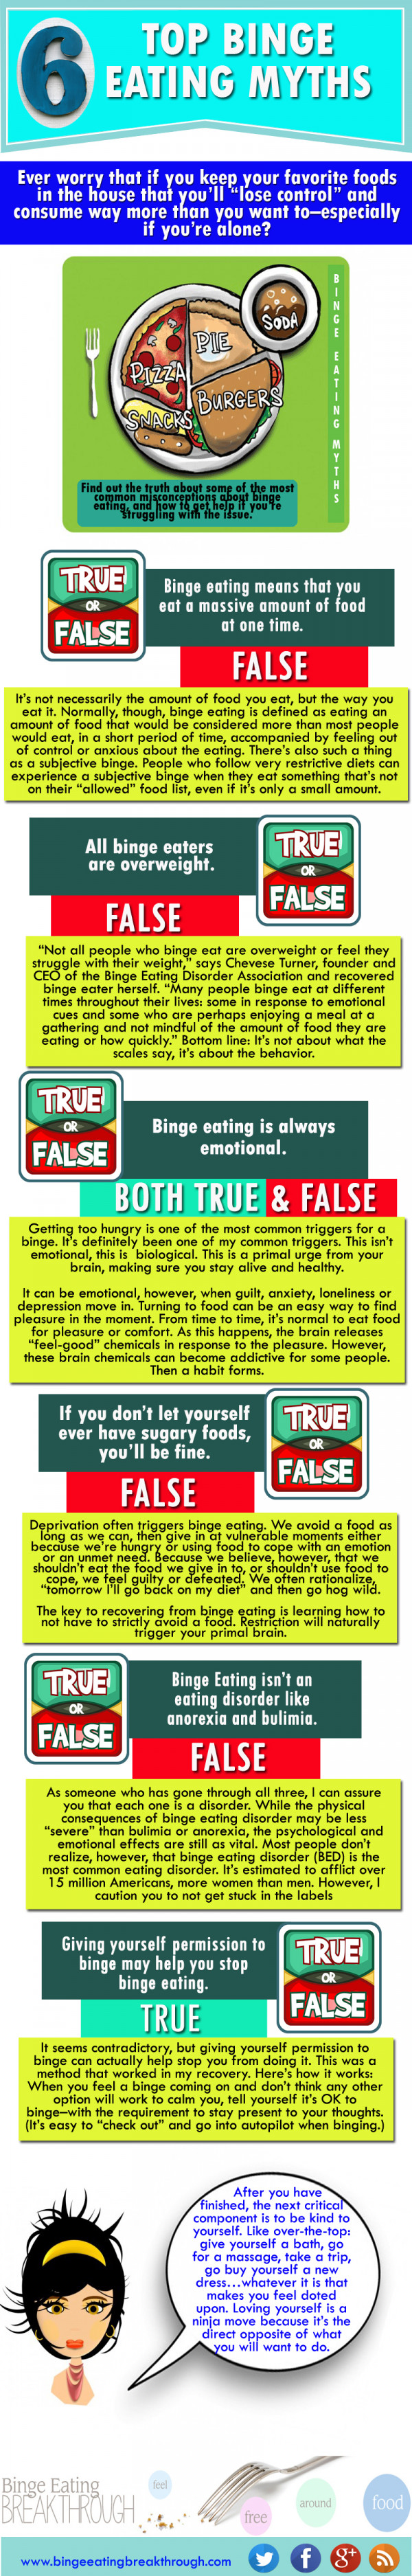 6 Top Binge Eating Myths disgust